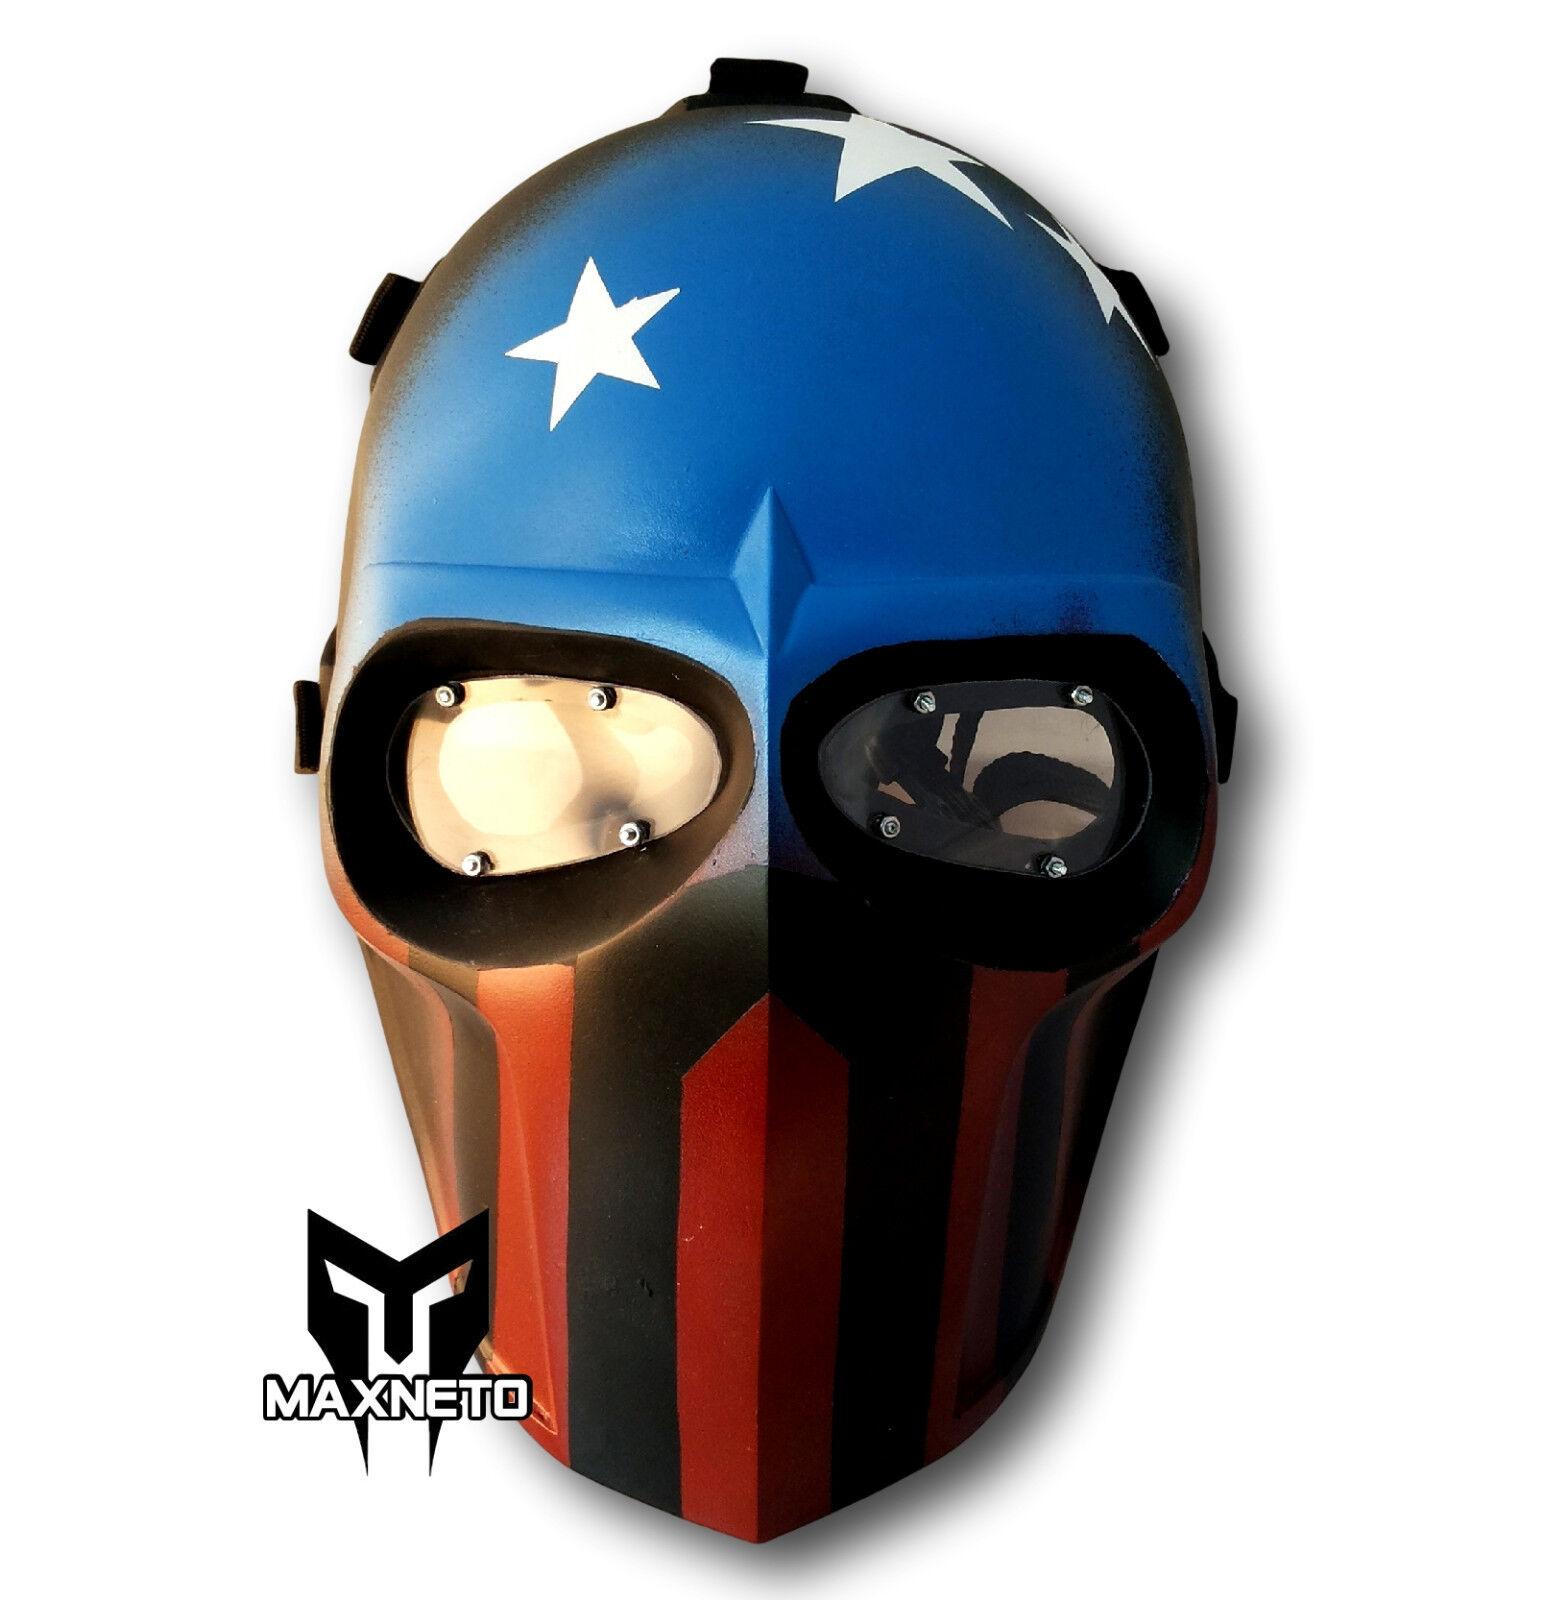 Soporte inferior maxneto Táctico de Paintball Airsoft Pistola Equipo De Projoección Casco MásCochea Capitán